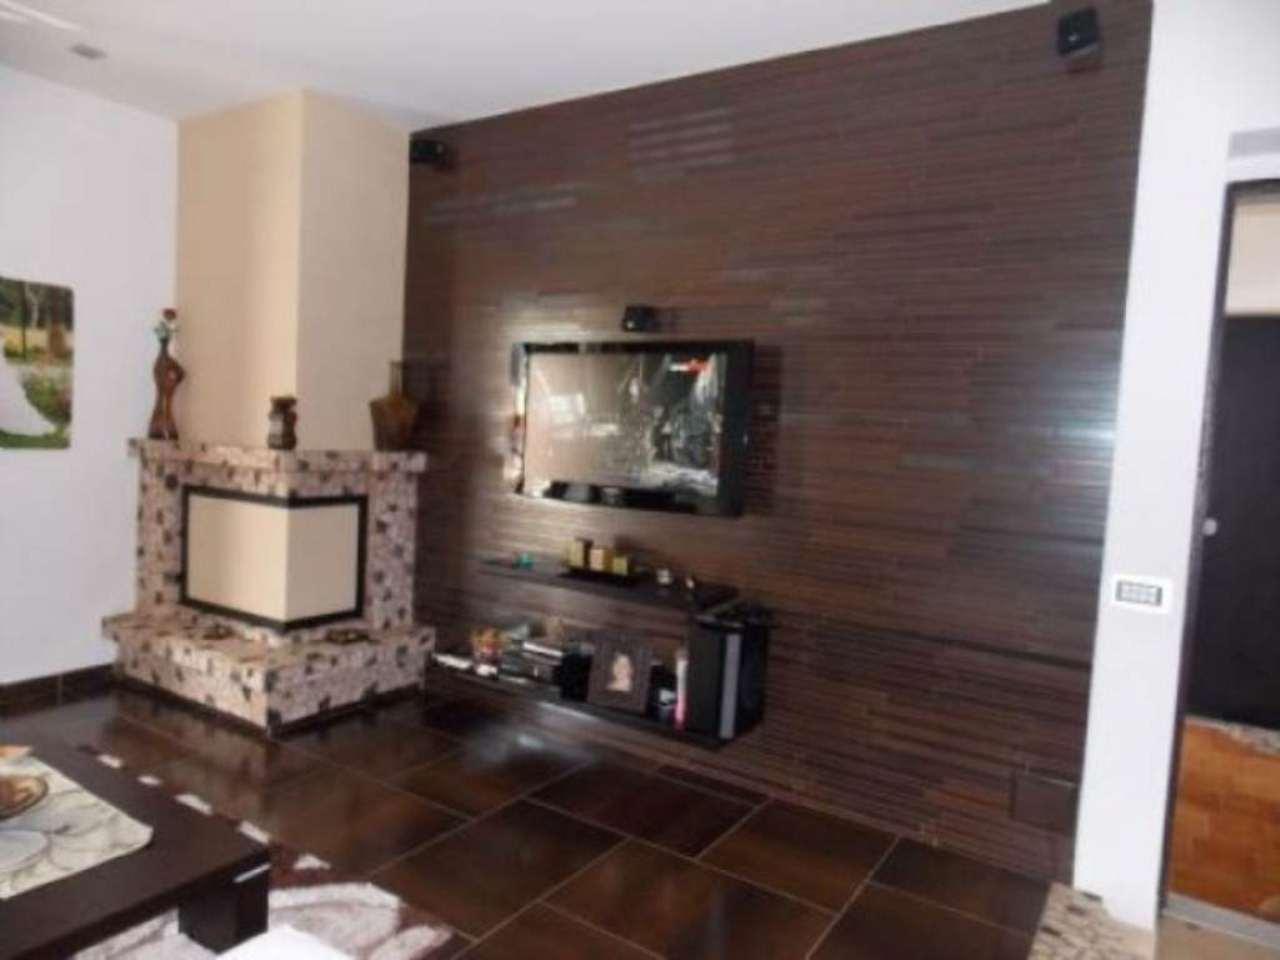 Appartamento in vendita a Marano di Napoli, 4 locali, prezzo € 175.000 | CambioCasa.it